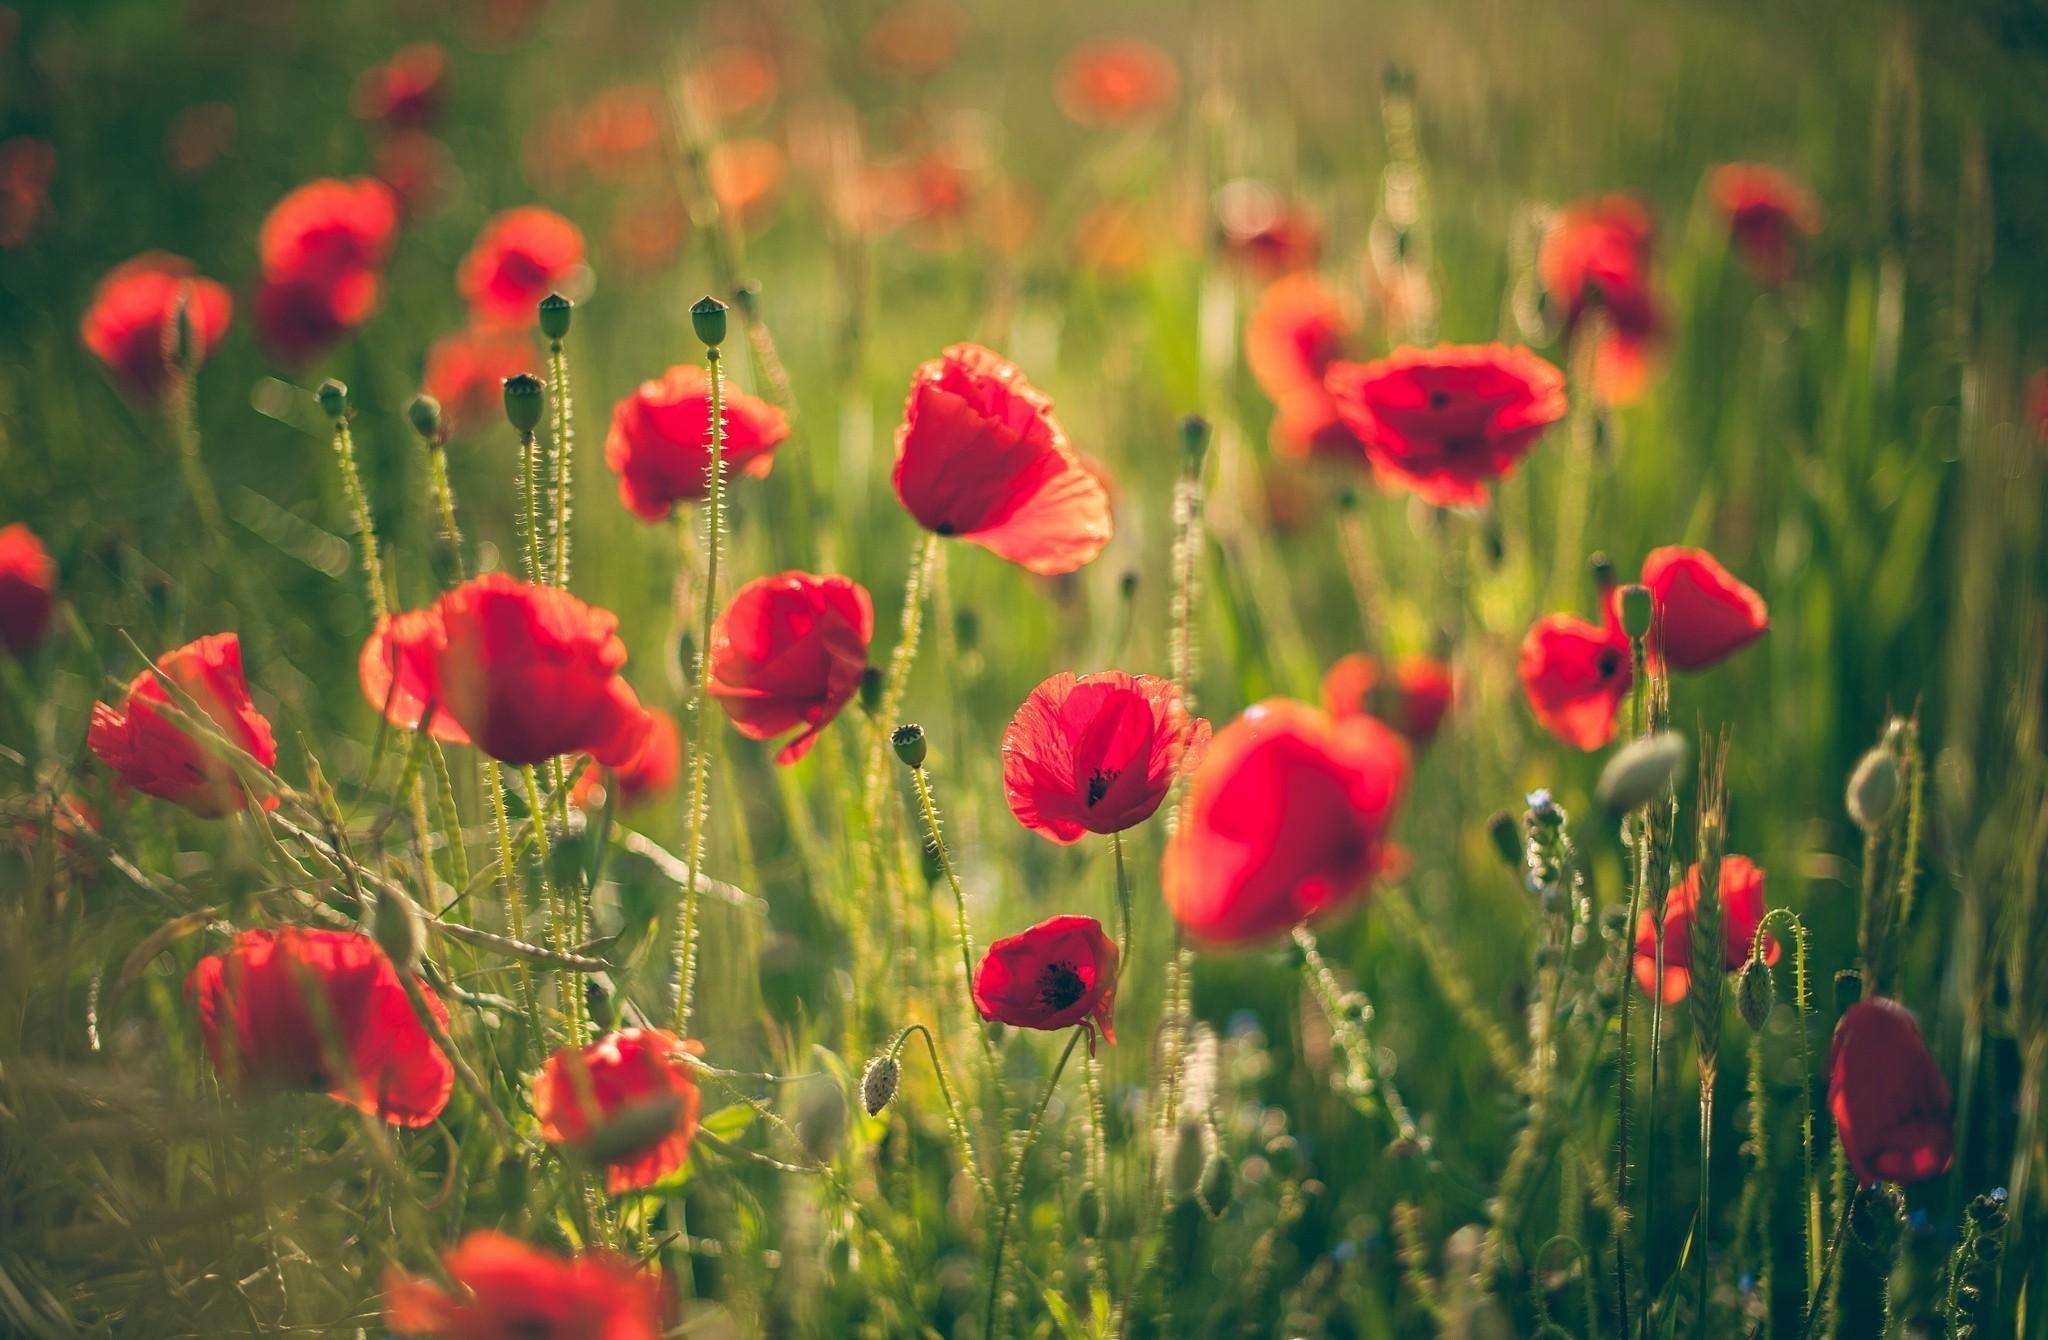 79683 скачать обои Цветы, Маки, Поле, Размытость, Лето, Солнечно - заставки и картинки бесплатно